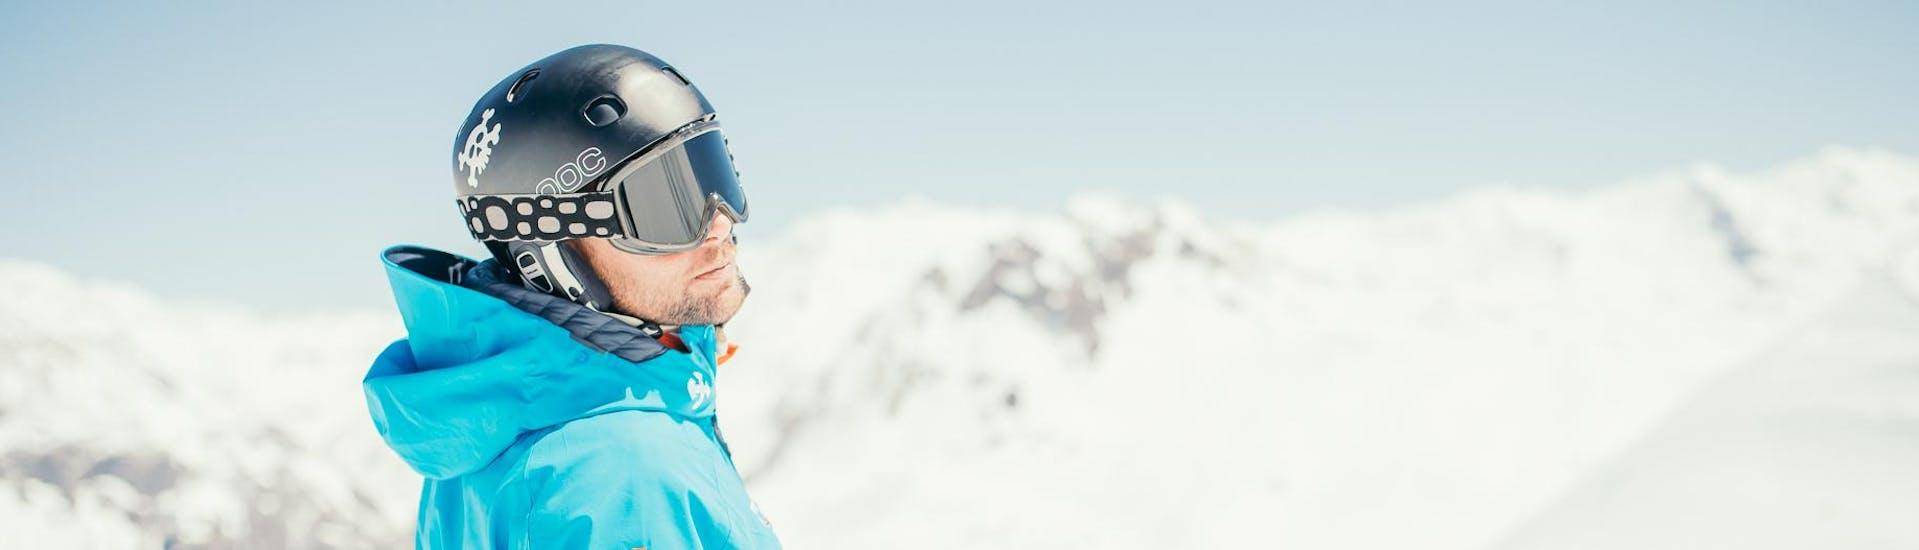 Des adultes prennent un Cours particulier de ski pour Adultes - Basse saison avec notre école de ski Starski Grand Bornand.